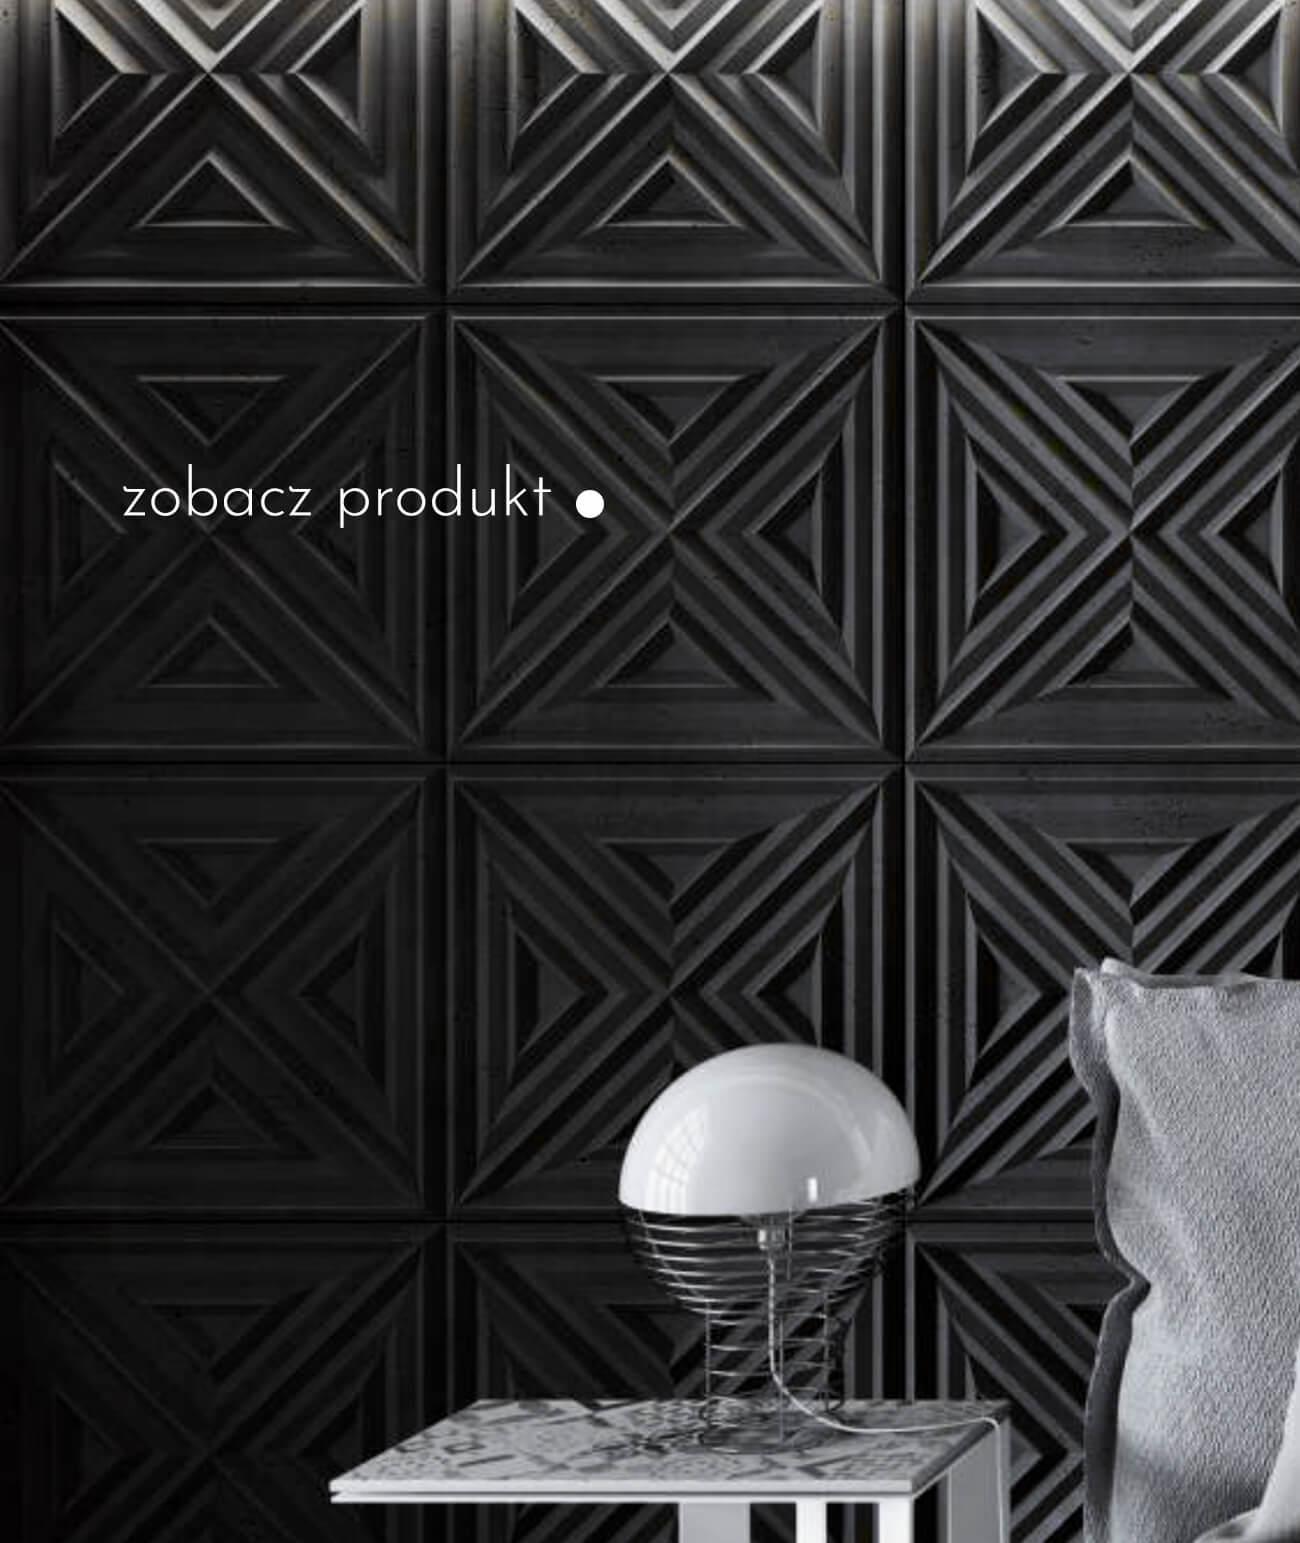 panele-betonowe-3d-scienne-i-elewacyjne-beton-architektoniczny_831-19477-pb22-b15-czarny-slab-2---panel-dekor-3d-beton-architektoniczny-panel-scienny